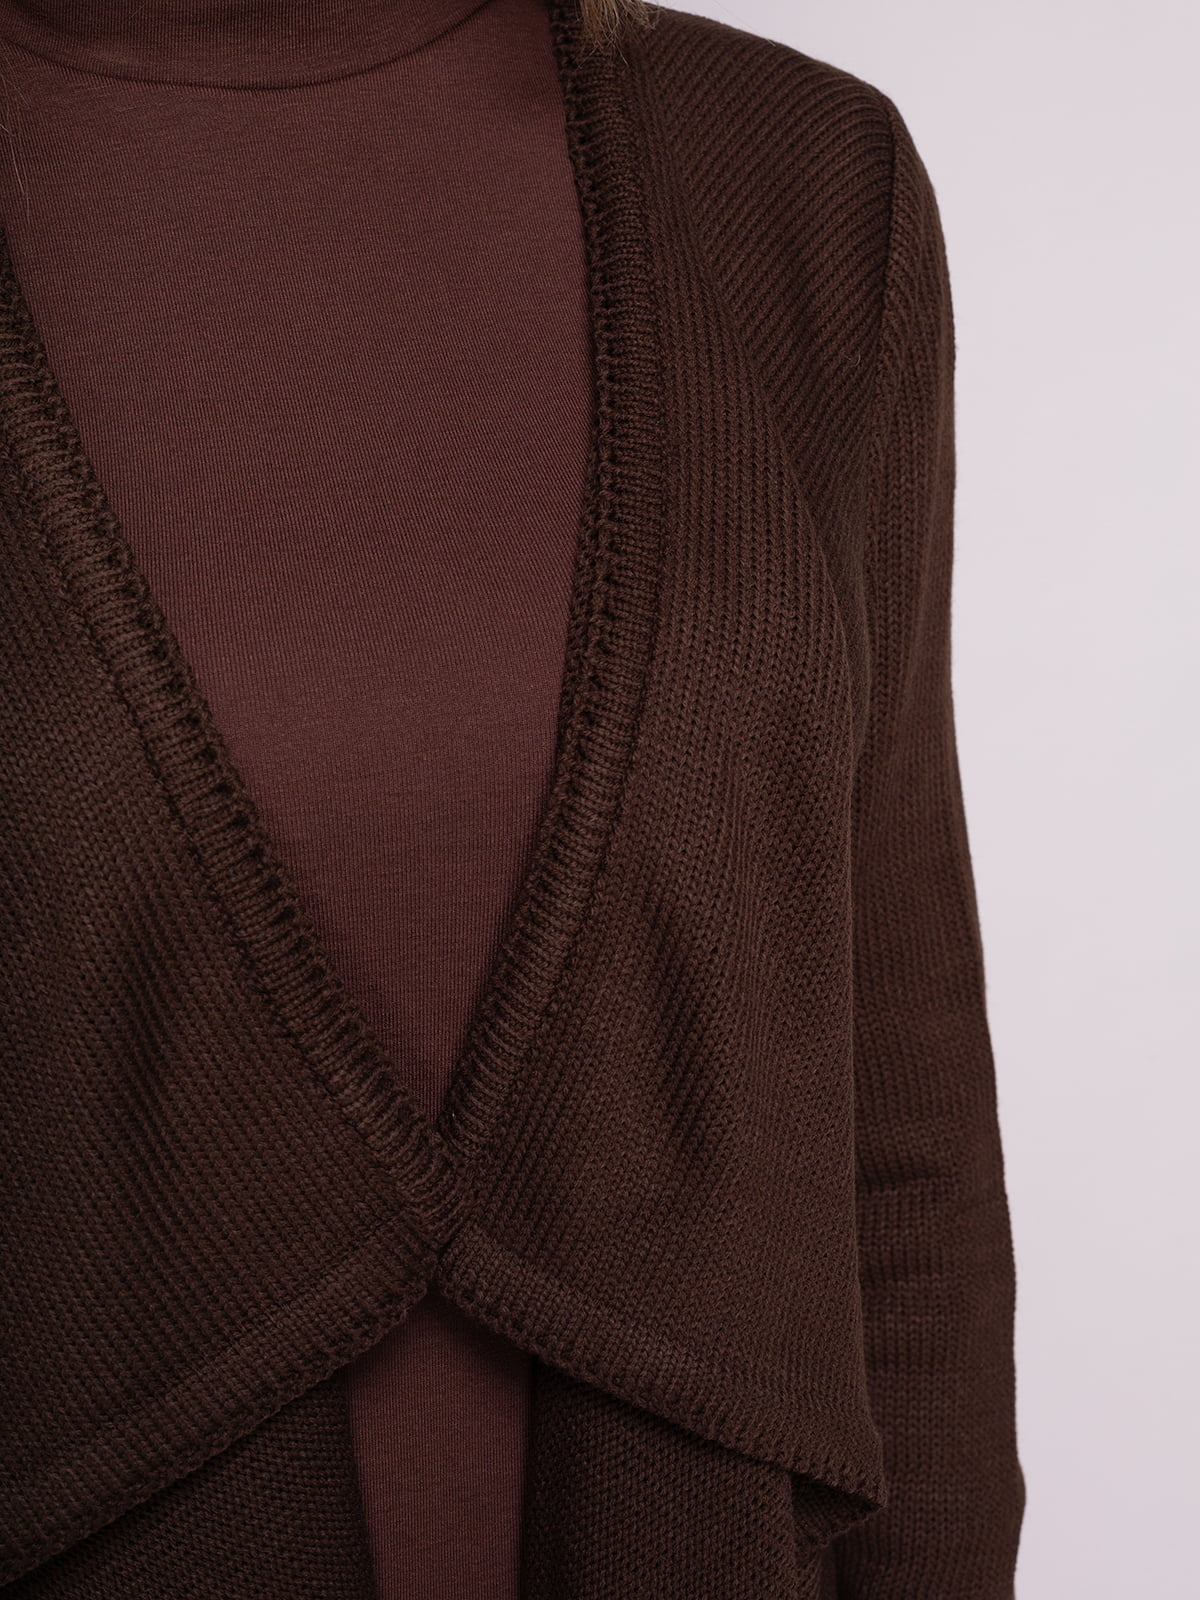 Кардиган коричневий | 4566885 | фото 4